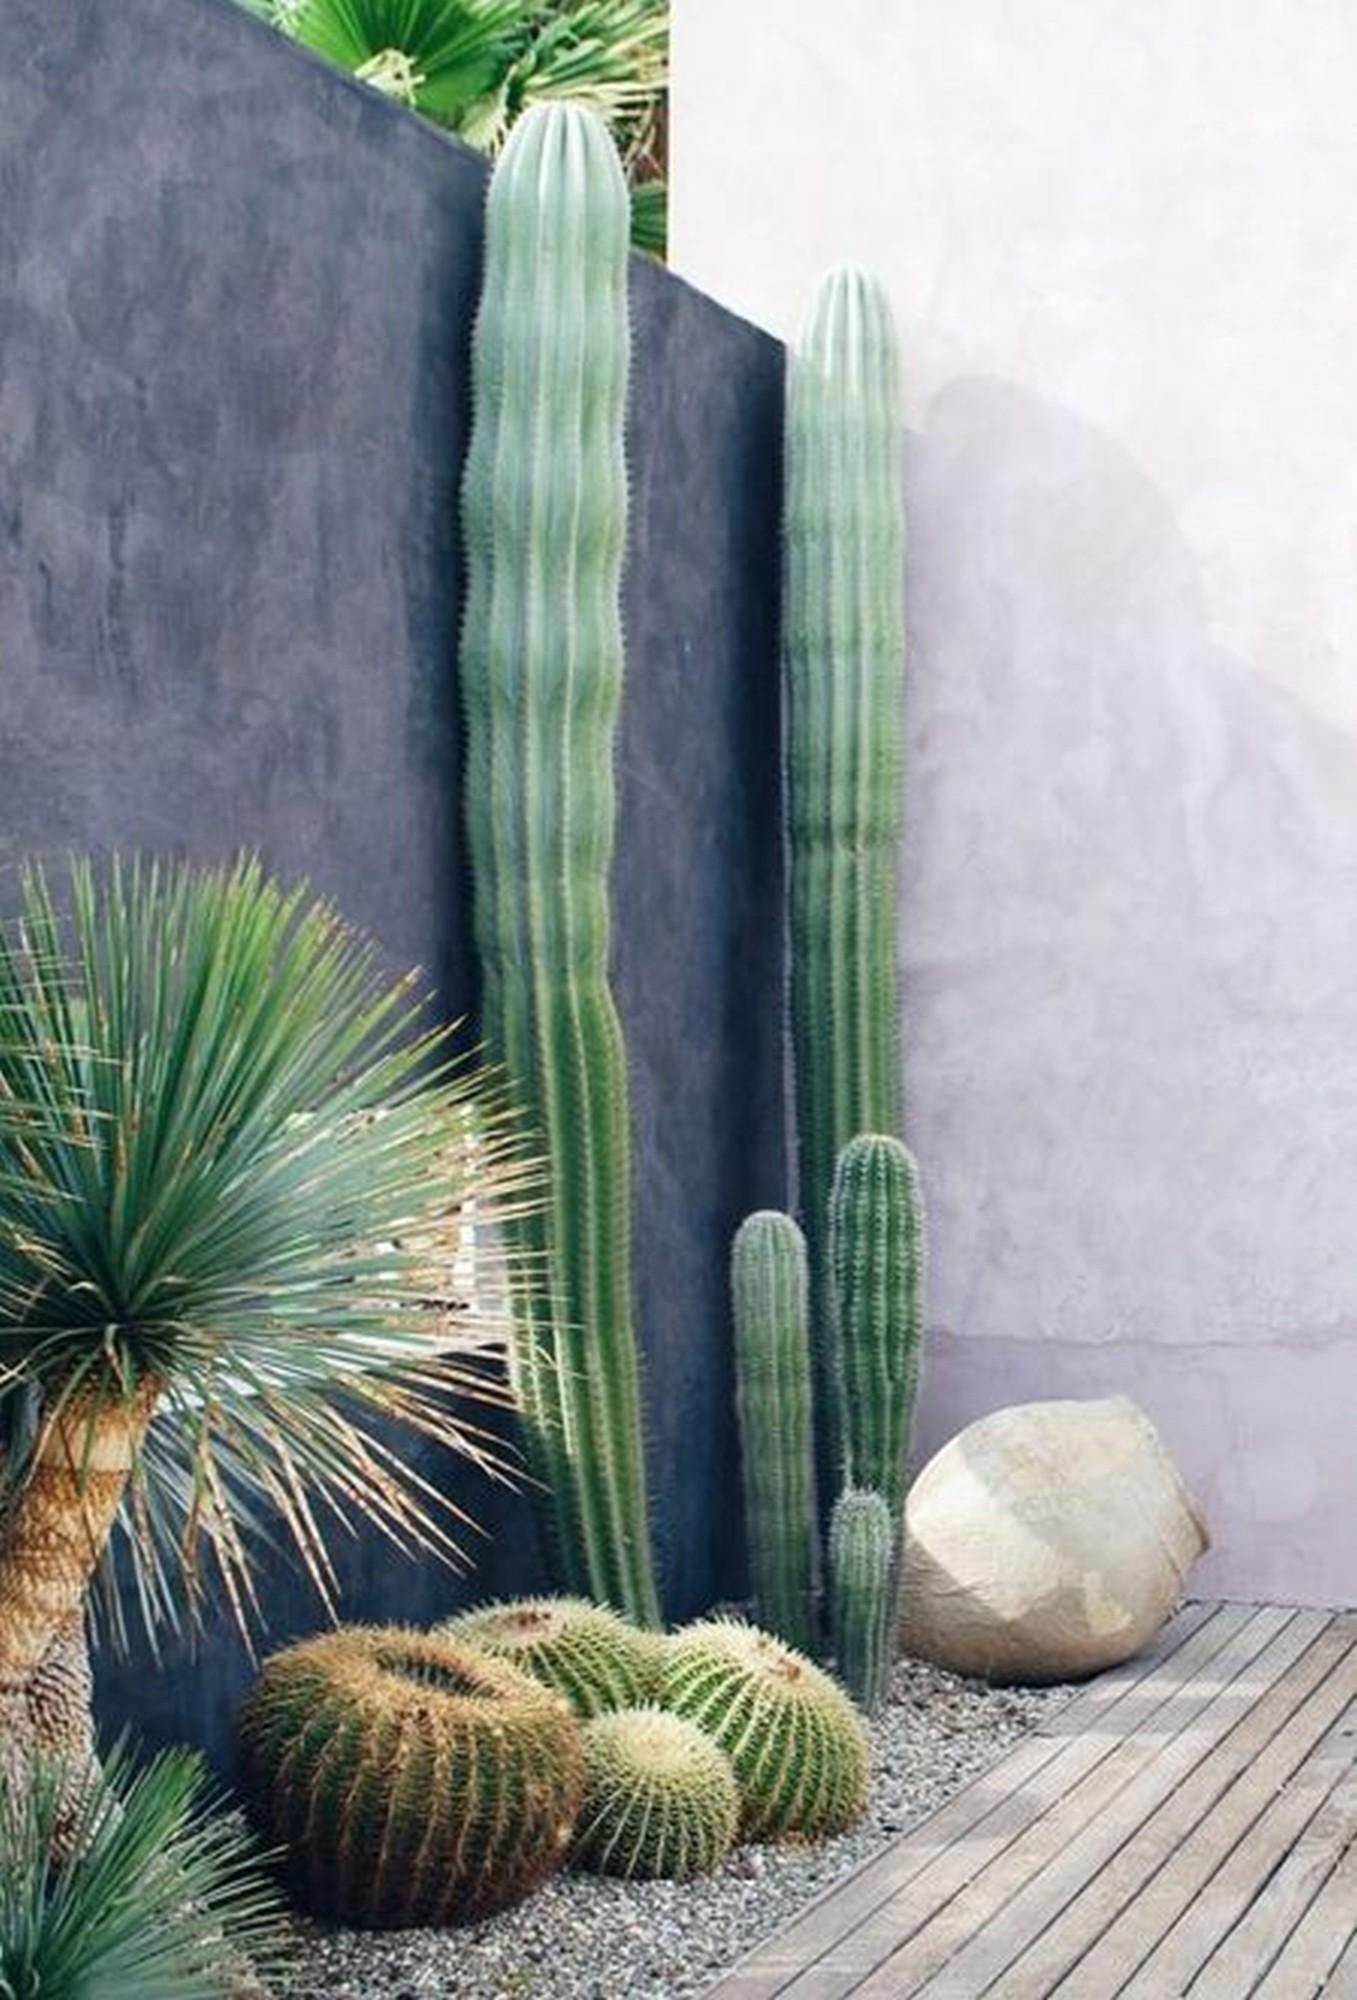 Atrévete Con Los Cactus 15 Inspiradoras Decoraciones Para